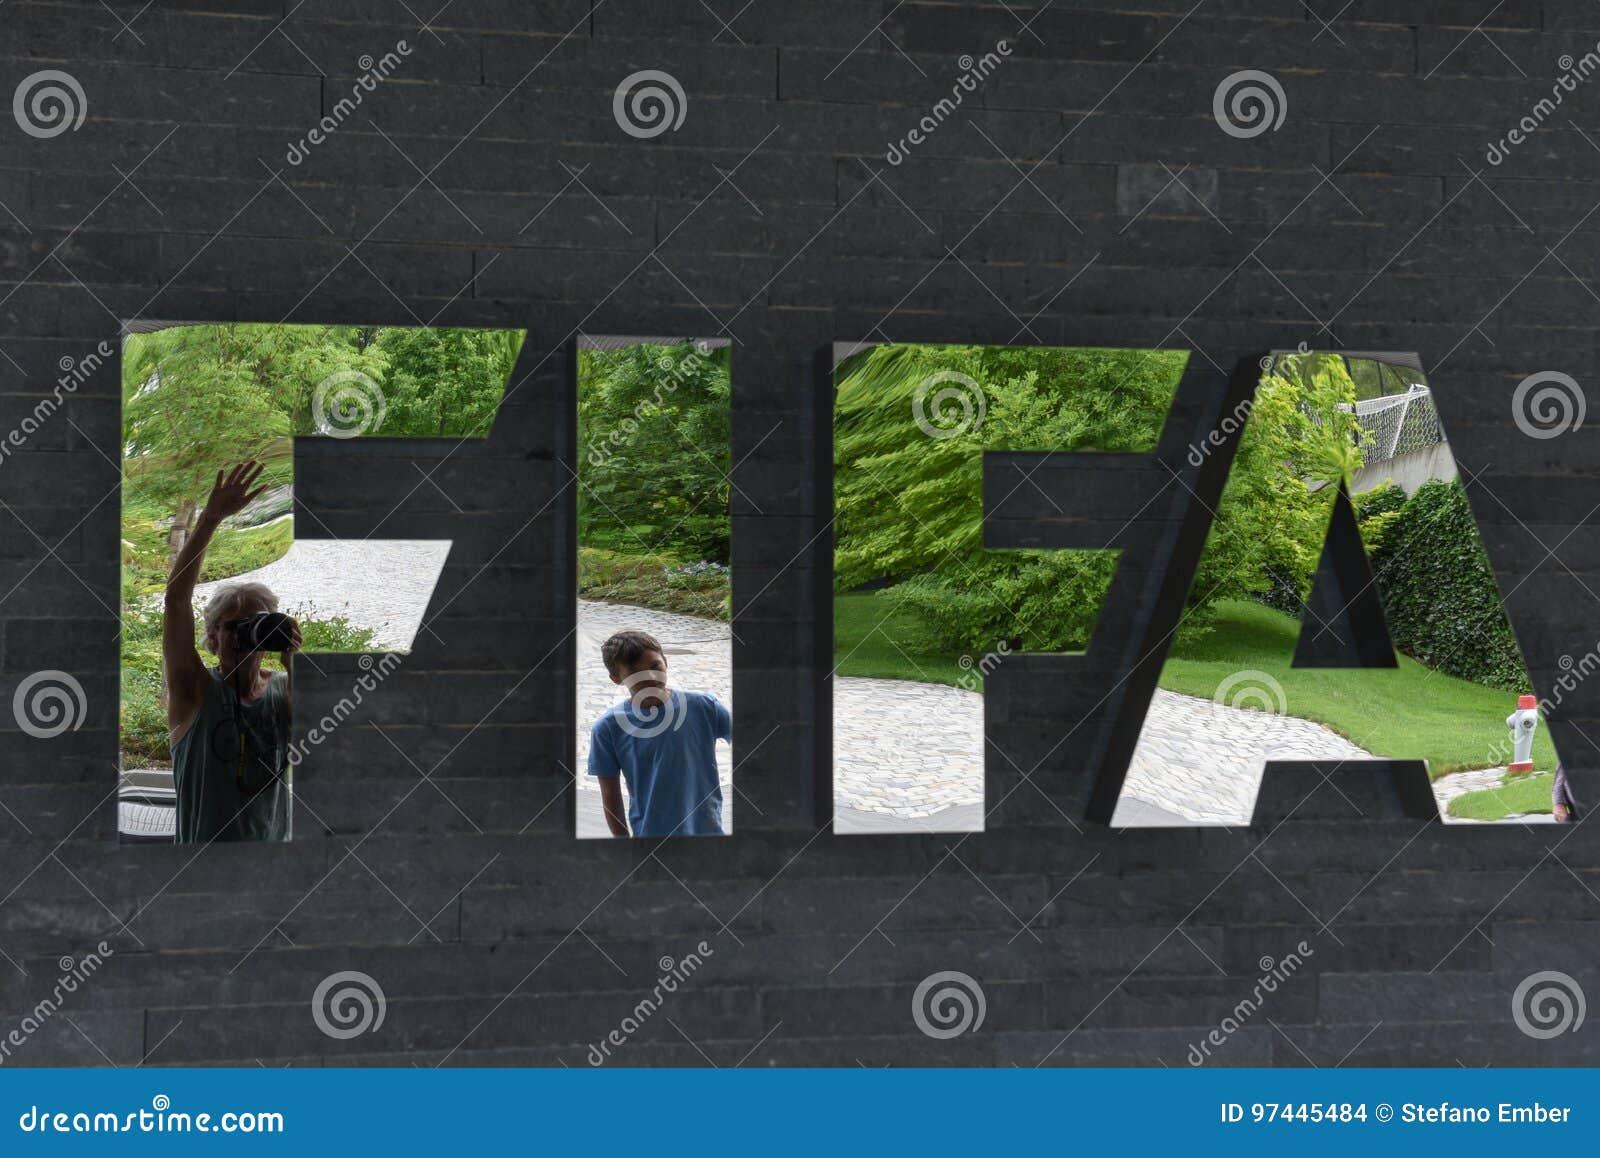 国际足球联合会的总部在瑞士的苏黎世